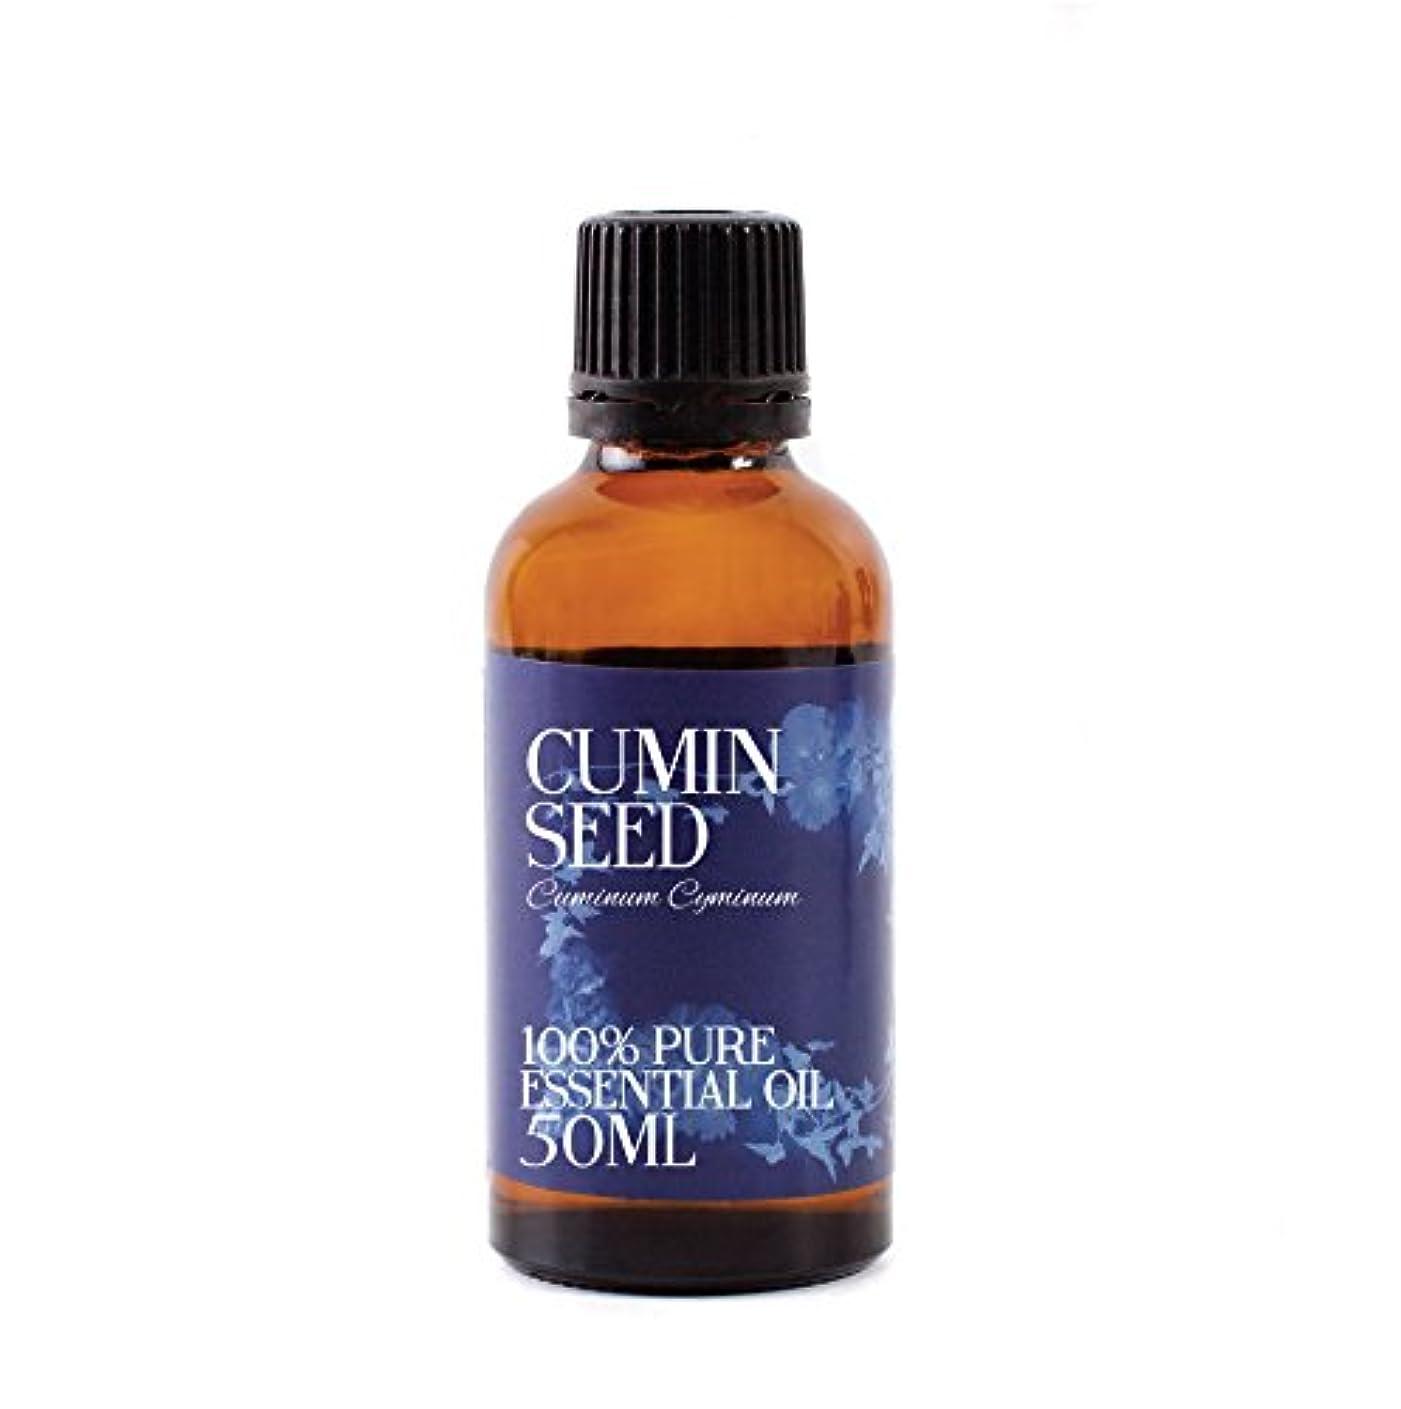 ブラシ同情的断言するMystic Moments   Cumin Seed Essential Oil - 50ml - 100% Pure